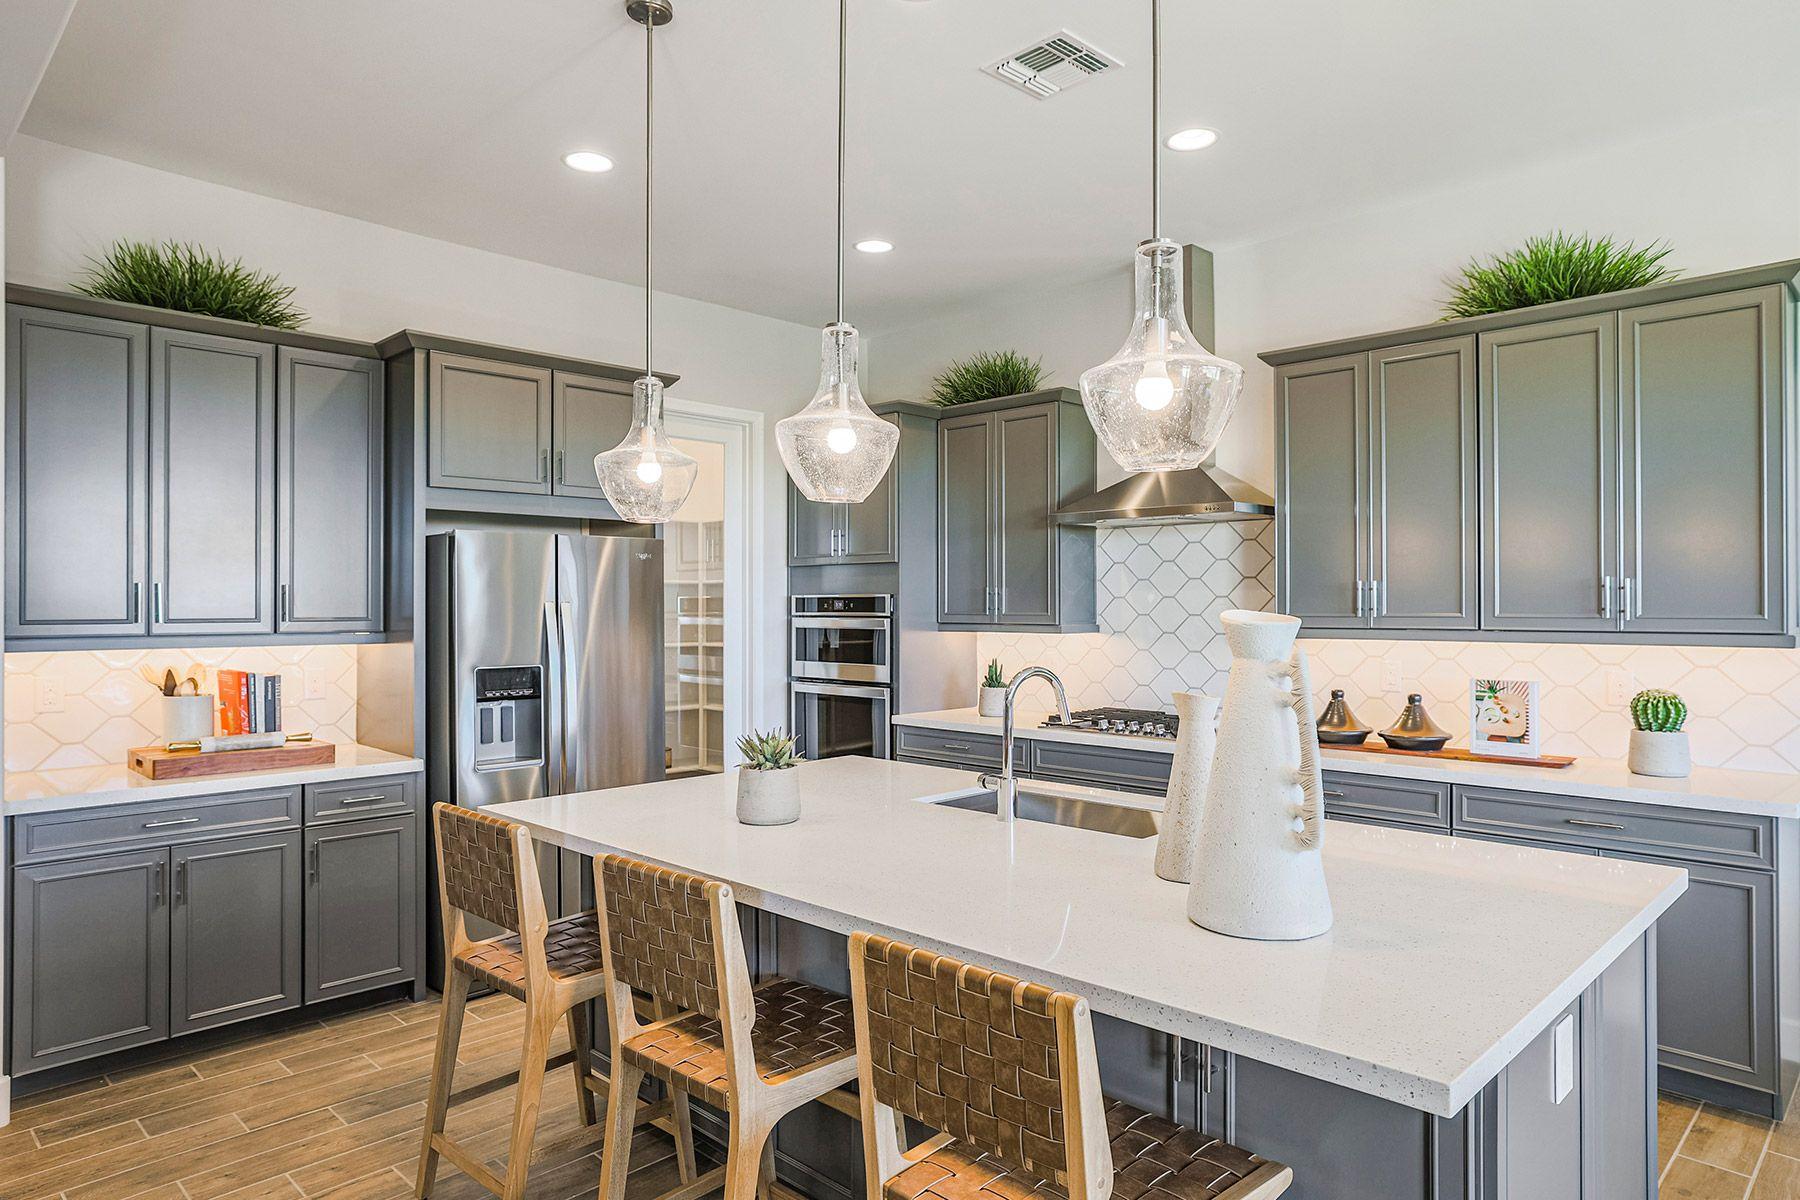 Kitchen featured in the Castleton By Mattamy Homes in Phoenix-Mesa, AZ